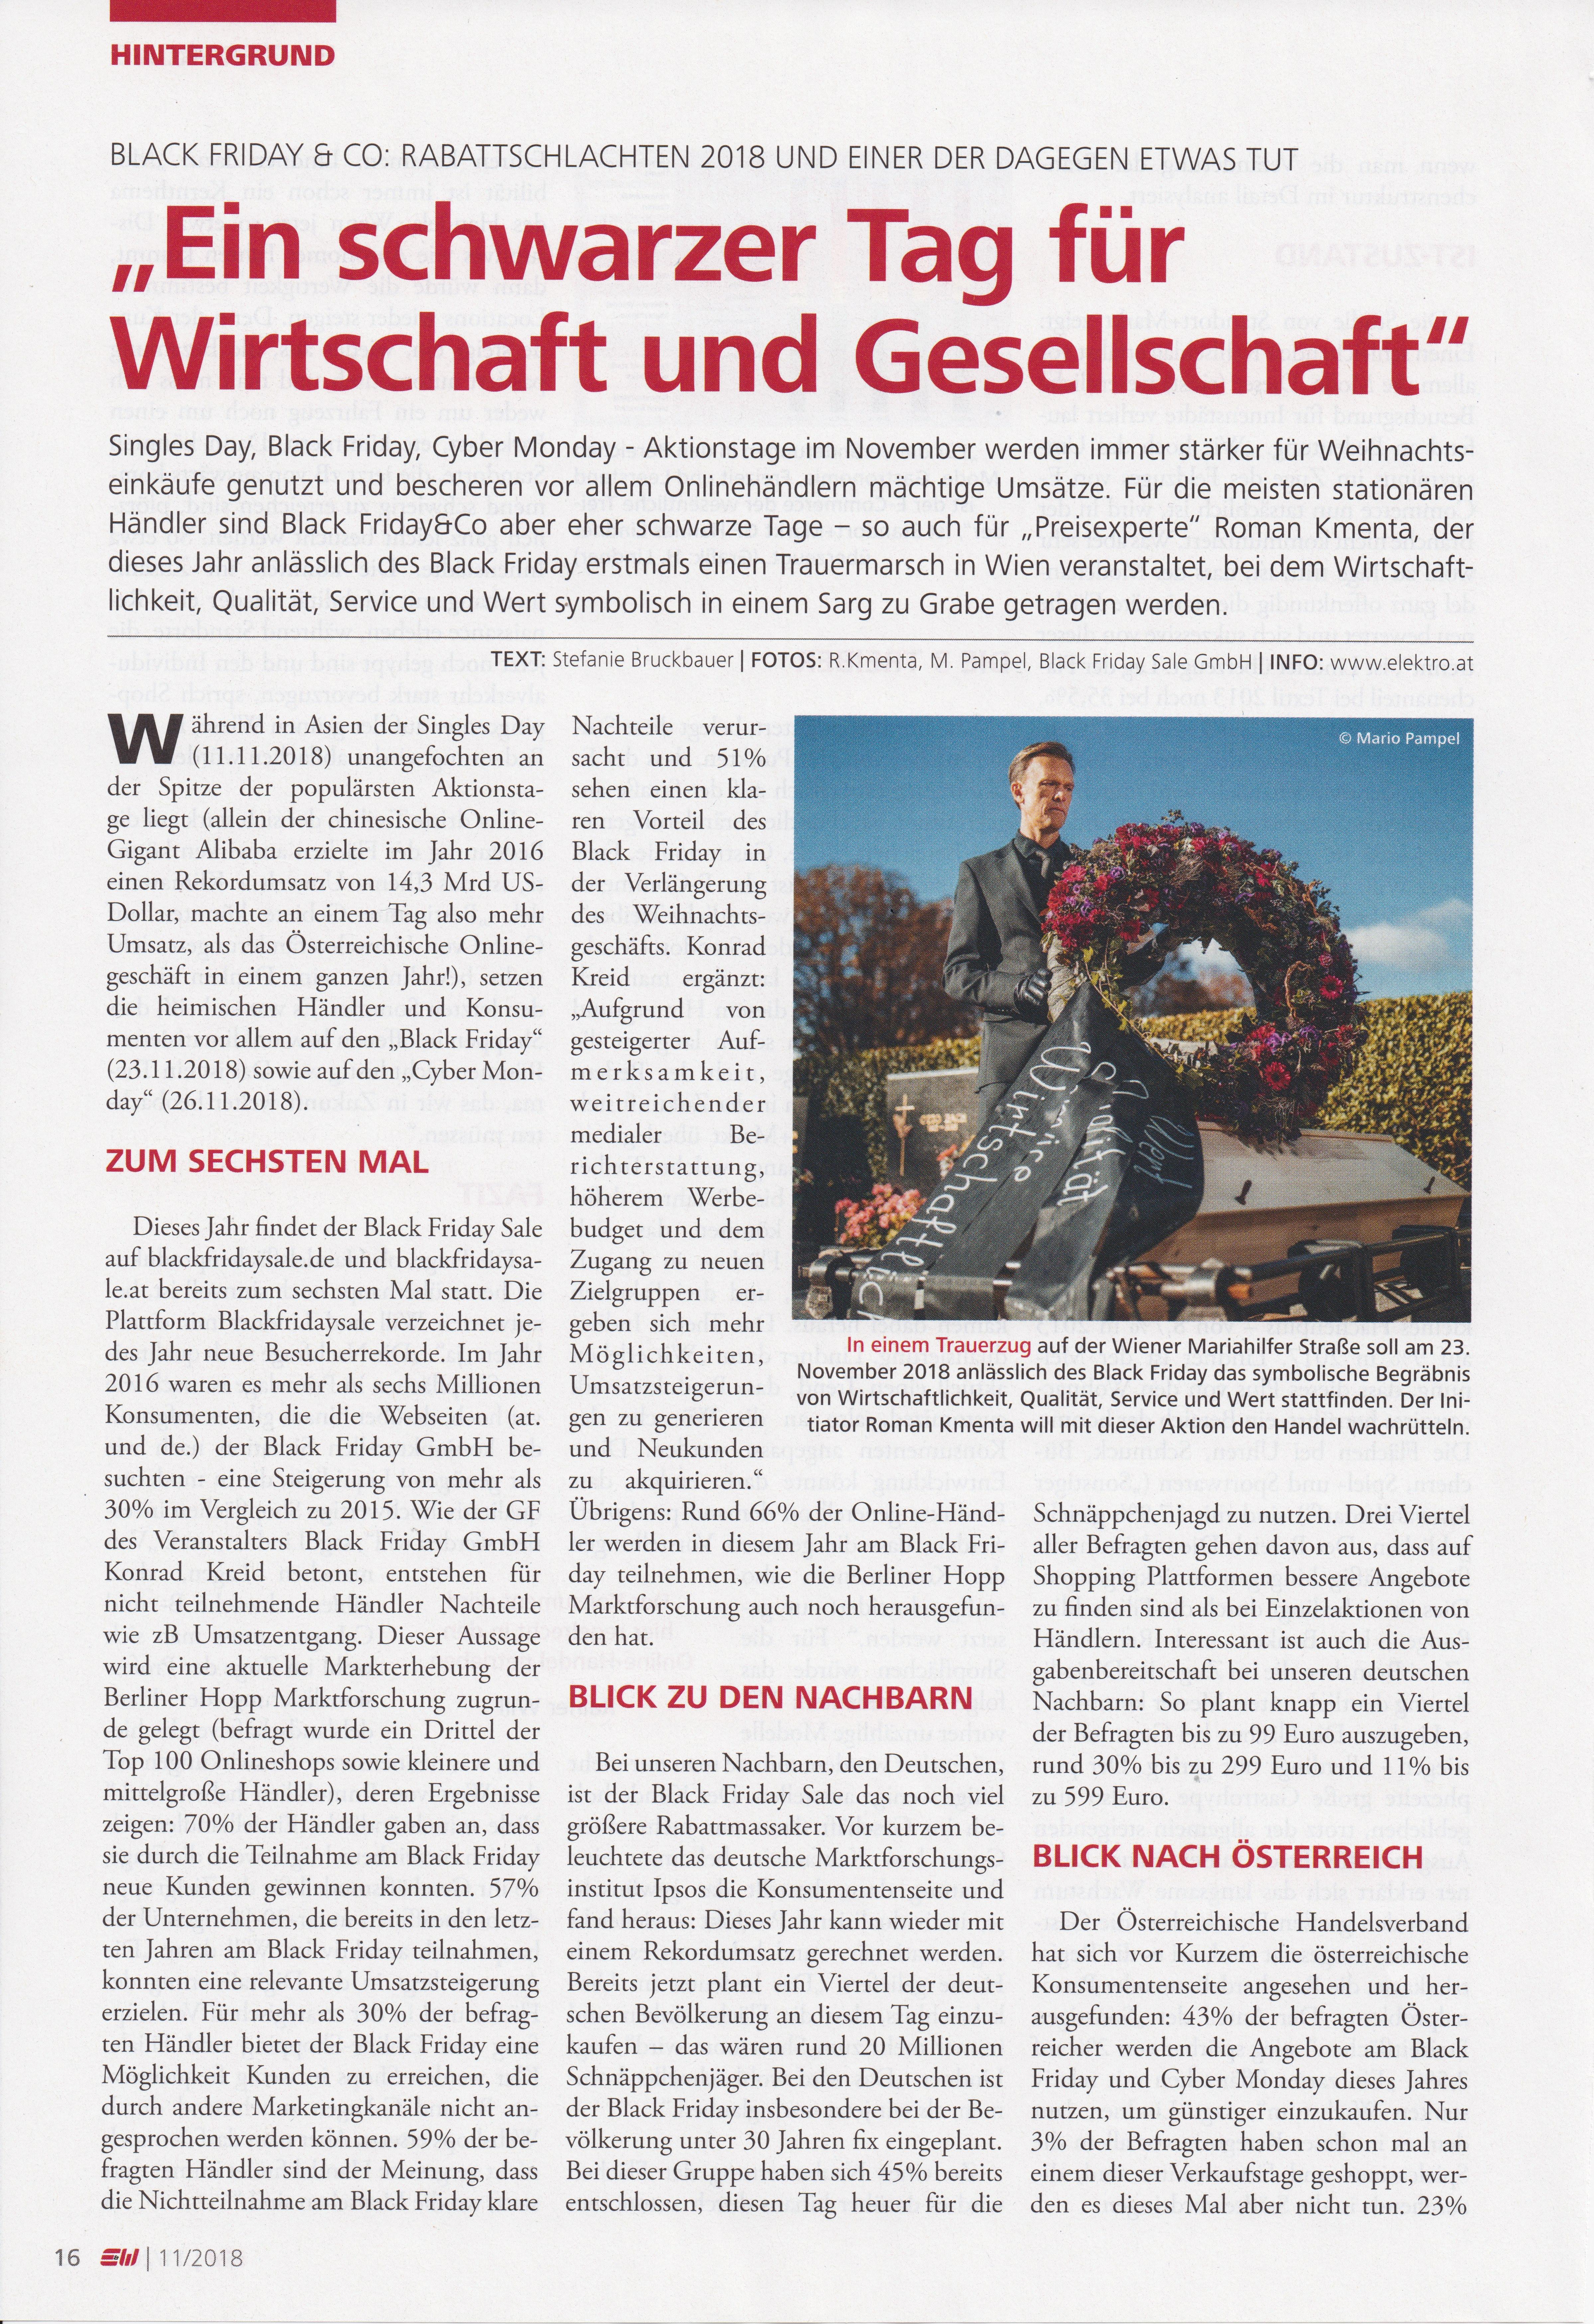 E&W - 11/2018 - 1 -Ein schwarzer Tag für Wirtschaft und Gesellschaft - Mag. Roman Kmenta